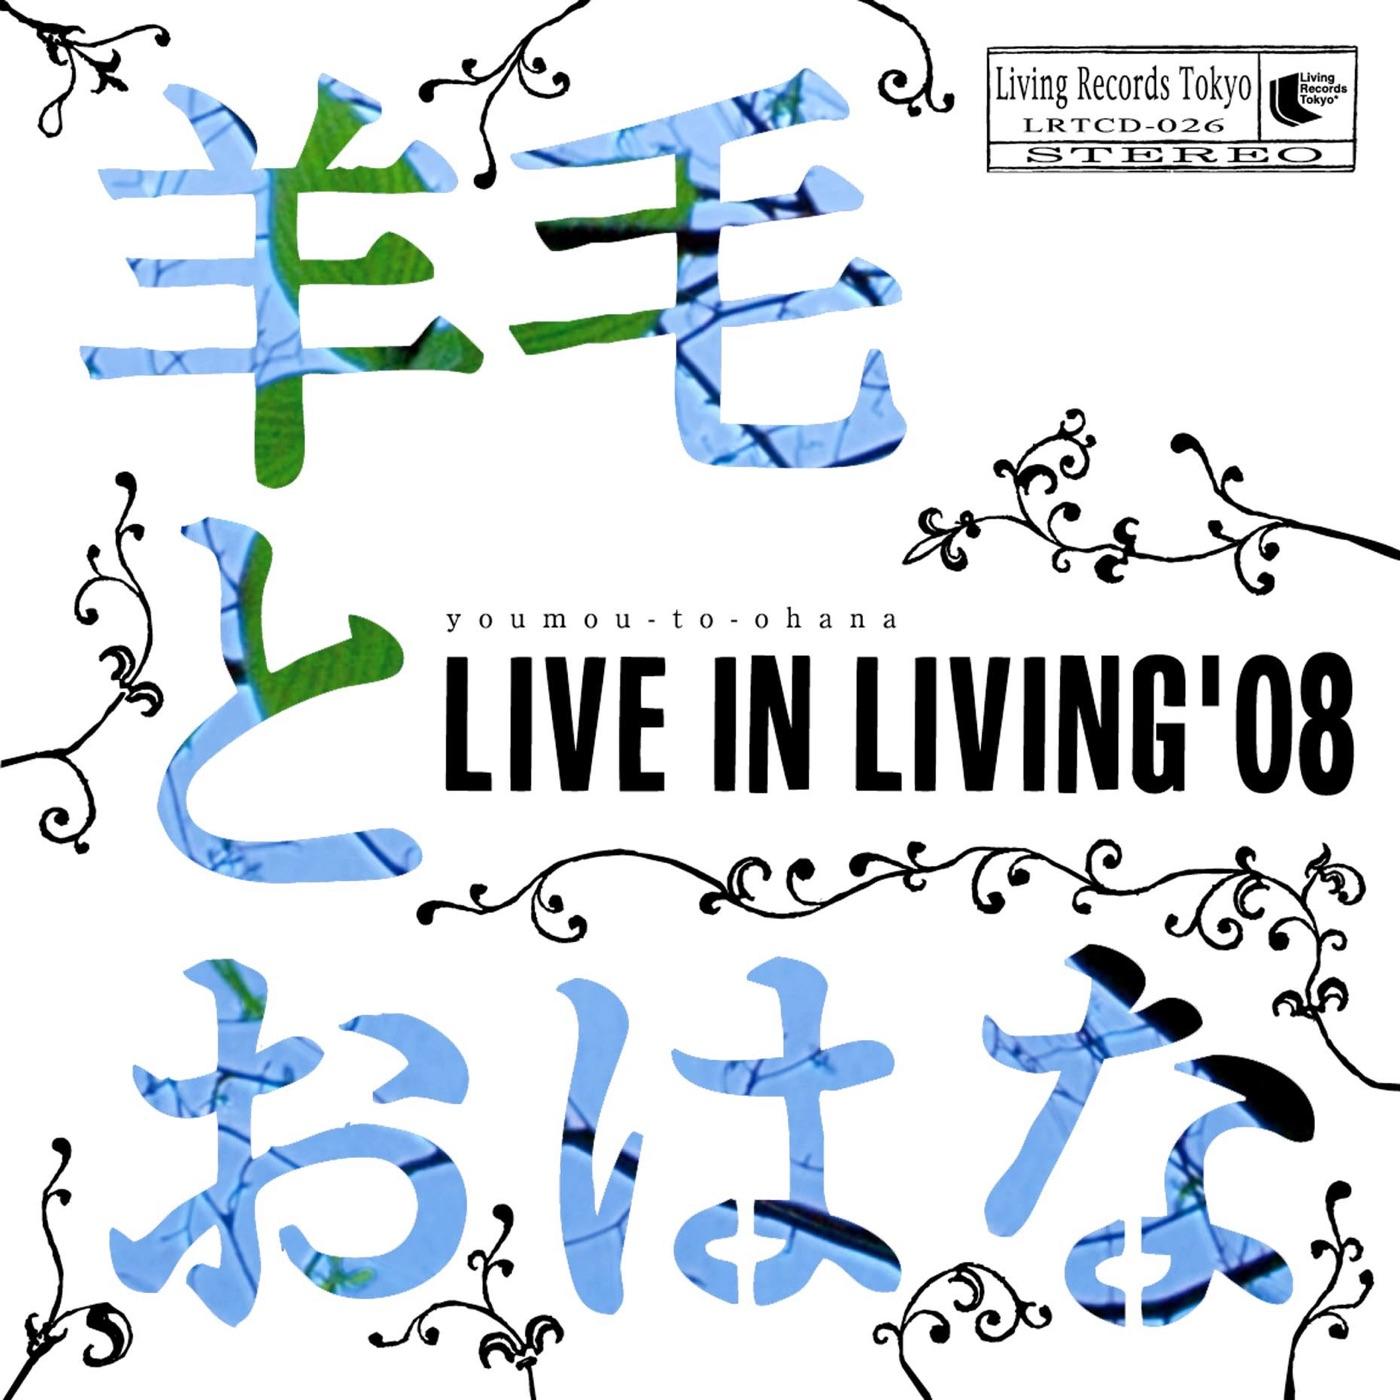 羊毛和花 - LIVE IN LIVING '08